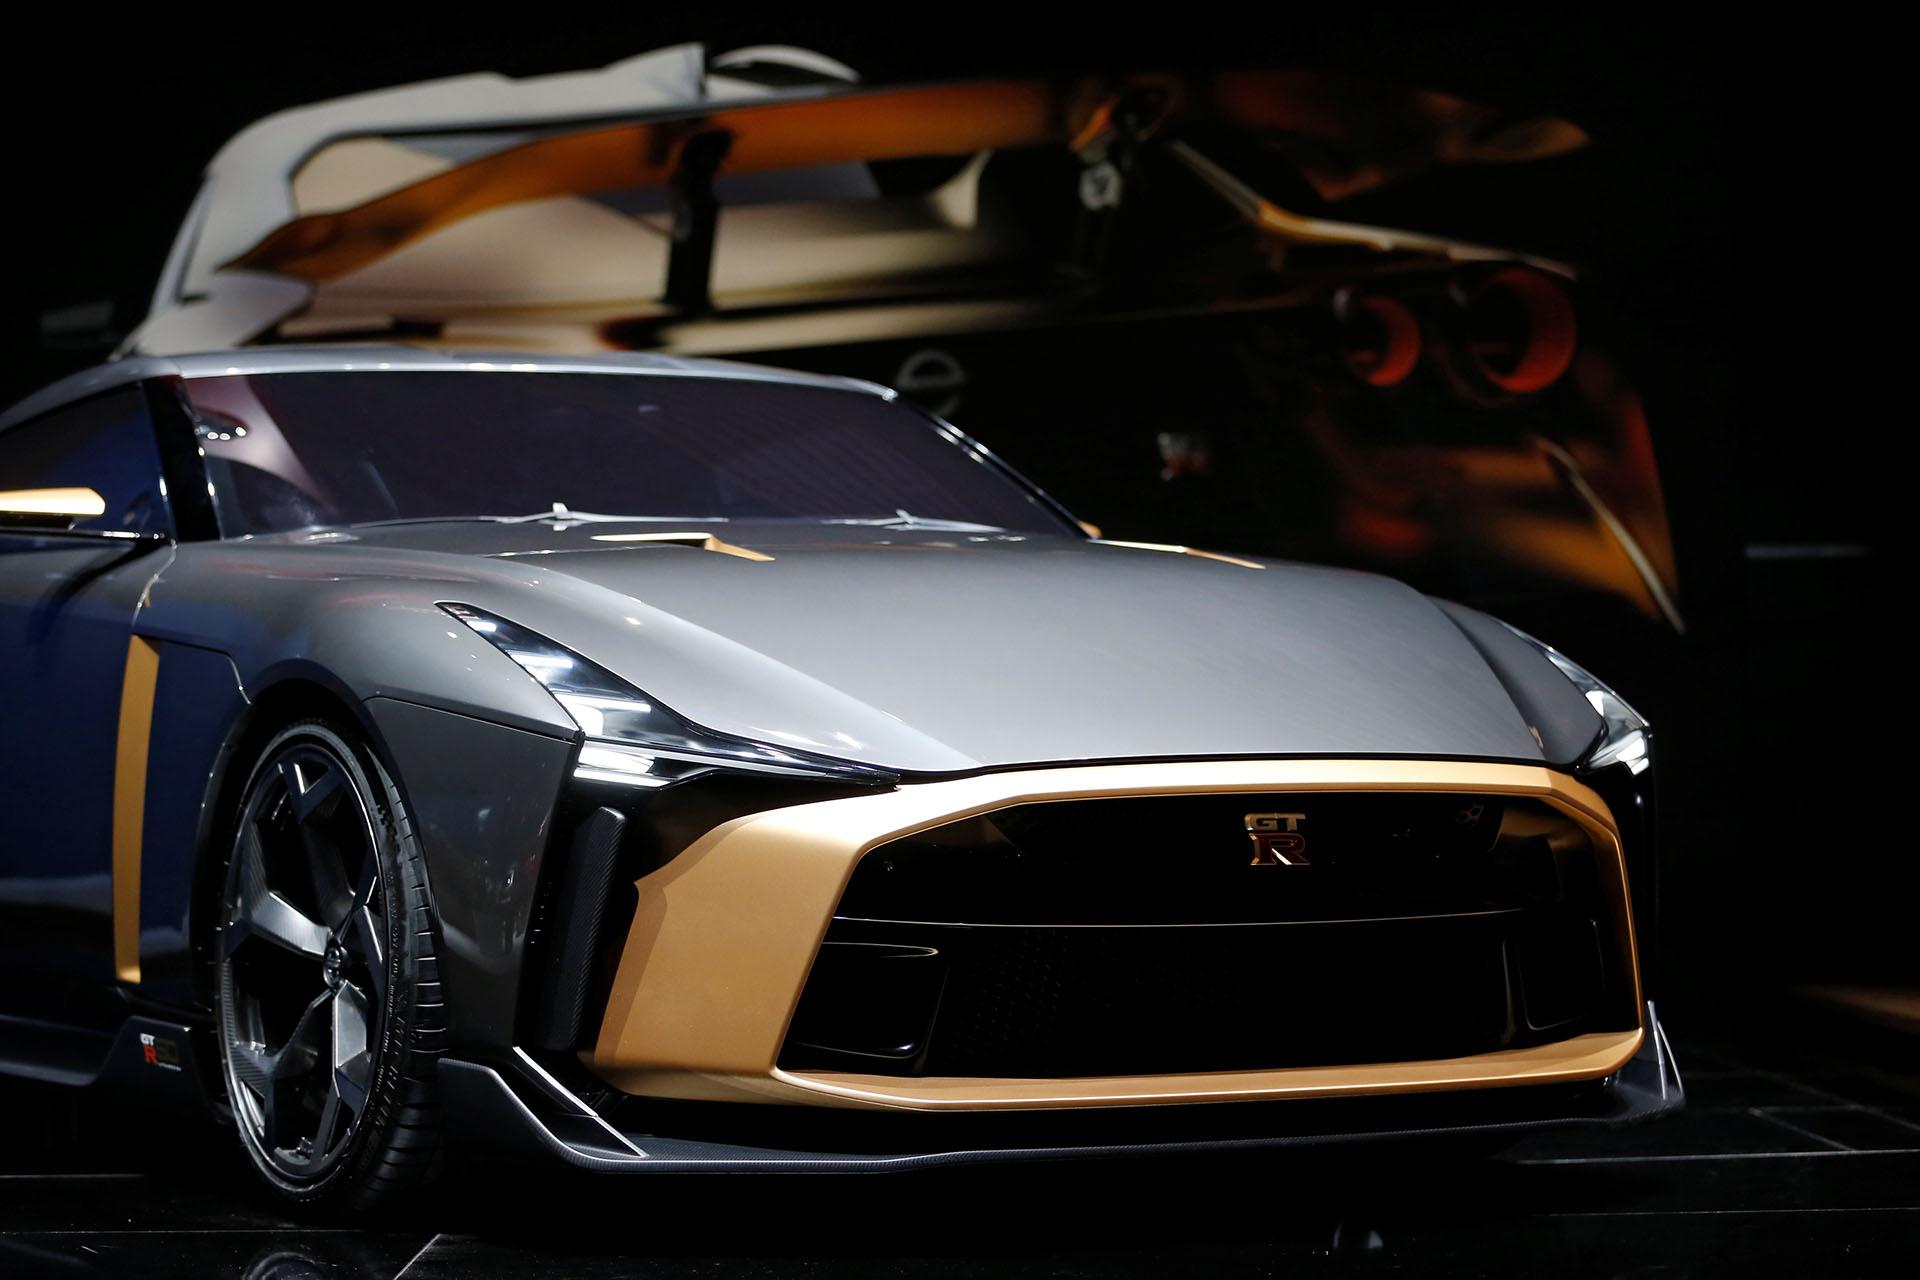 El Nissan GT-R50tiene una edición limitada, diseñado junto aItaldesign, celebra los 50 años de la línea deportiva de la marca japonesa